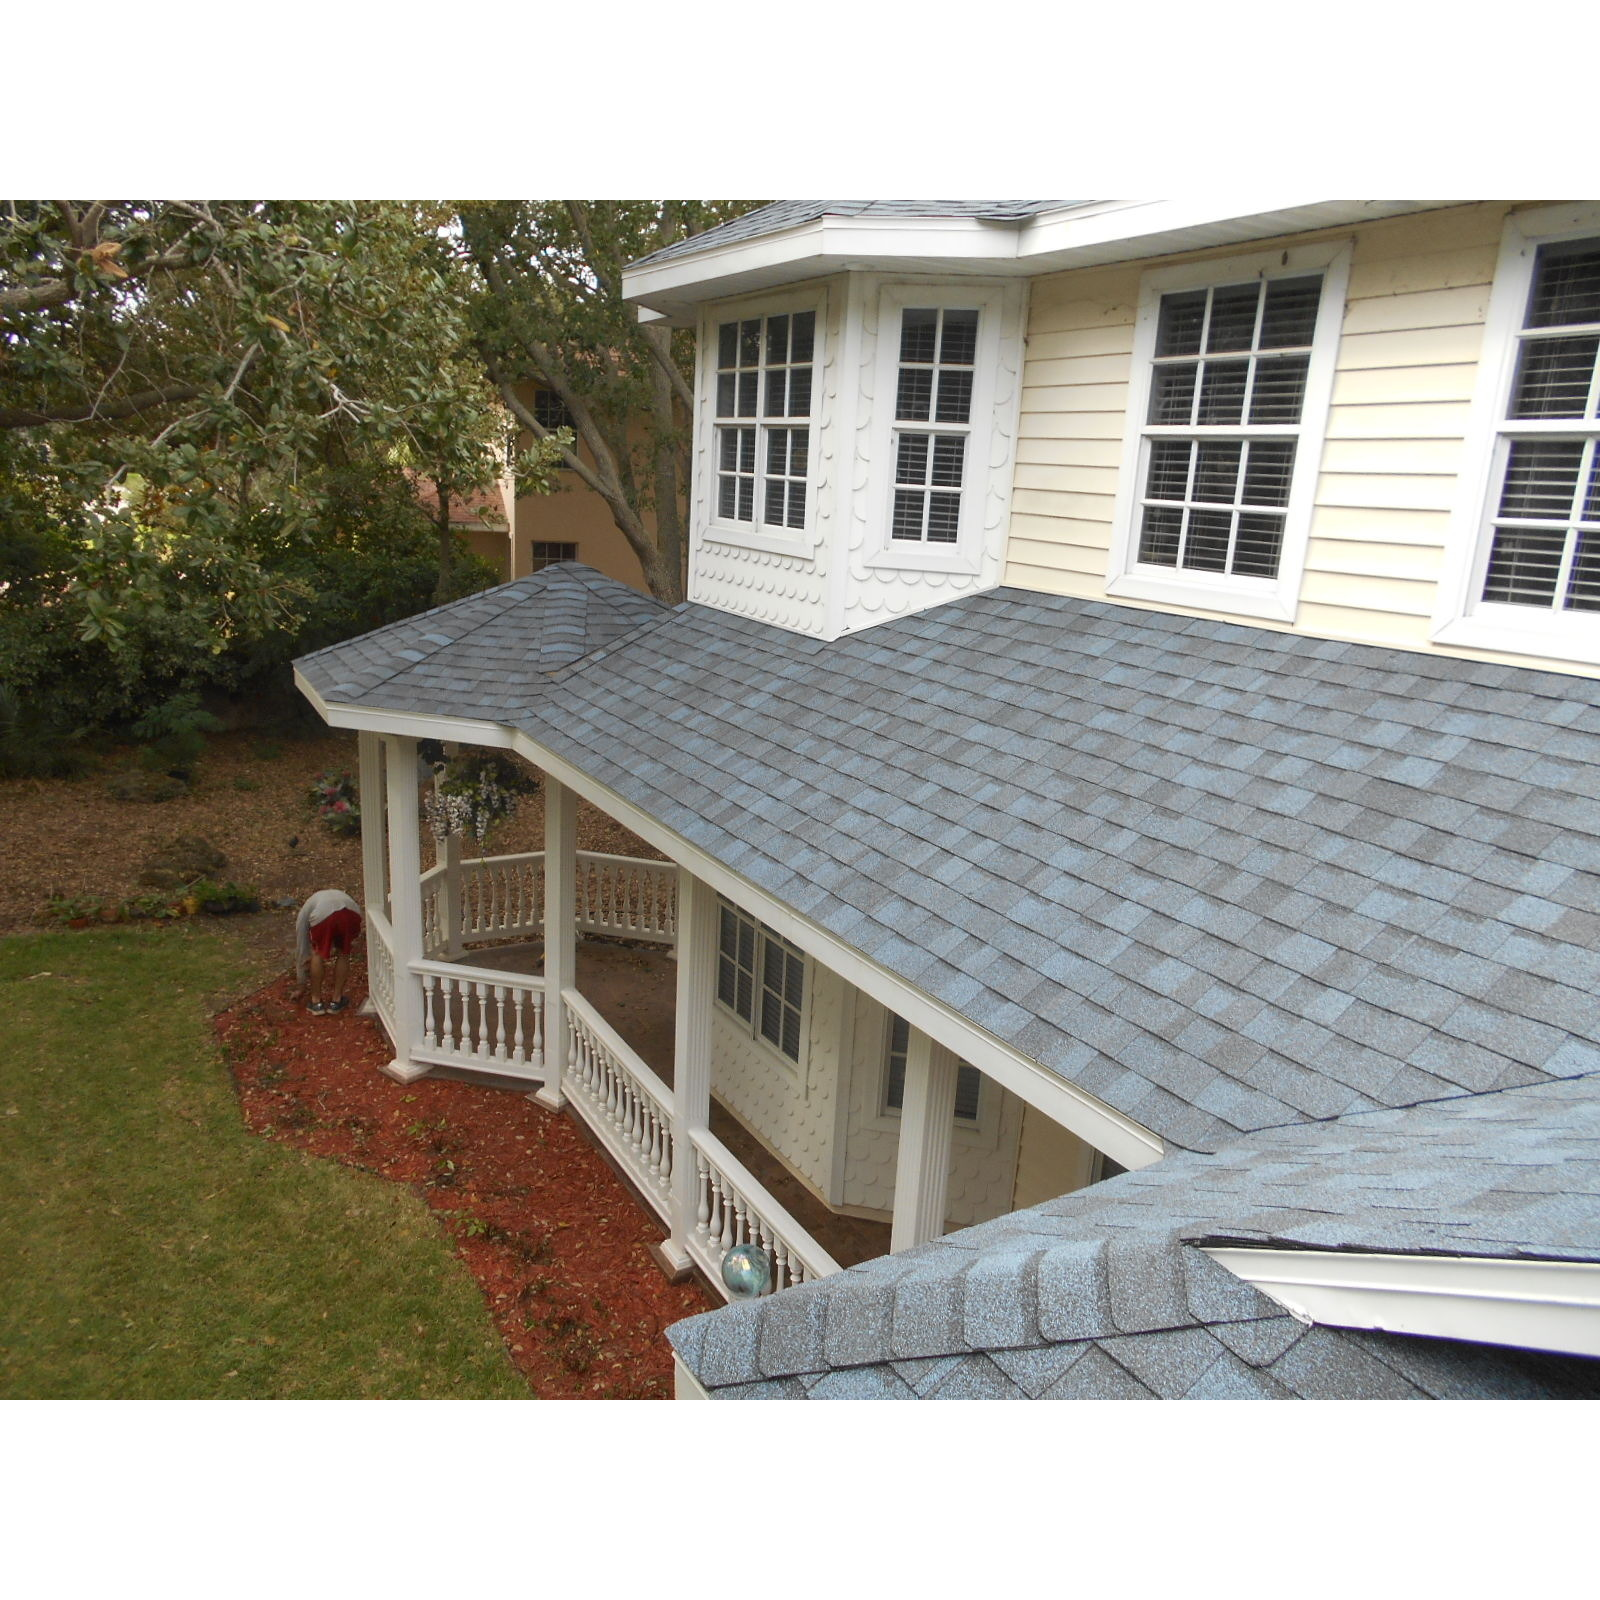 J K Behan Roofing Melbourne Florida Fl Localdatabase Com